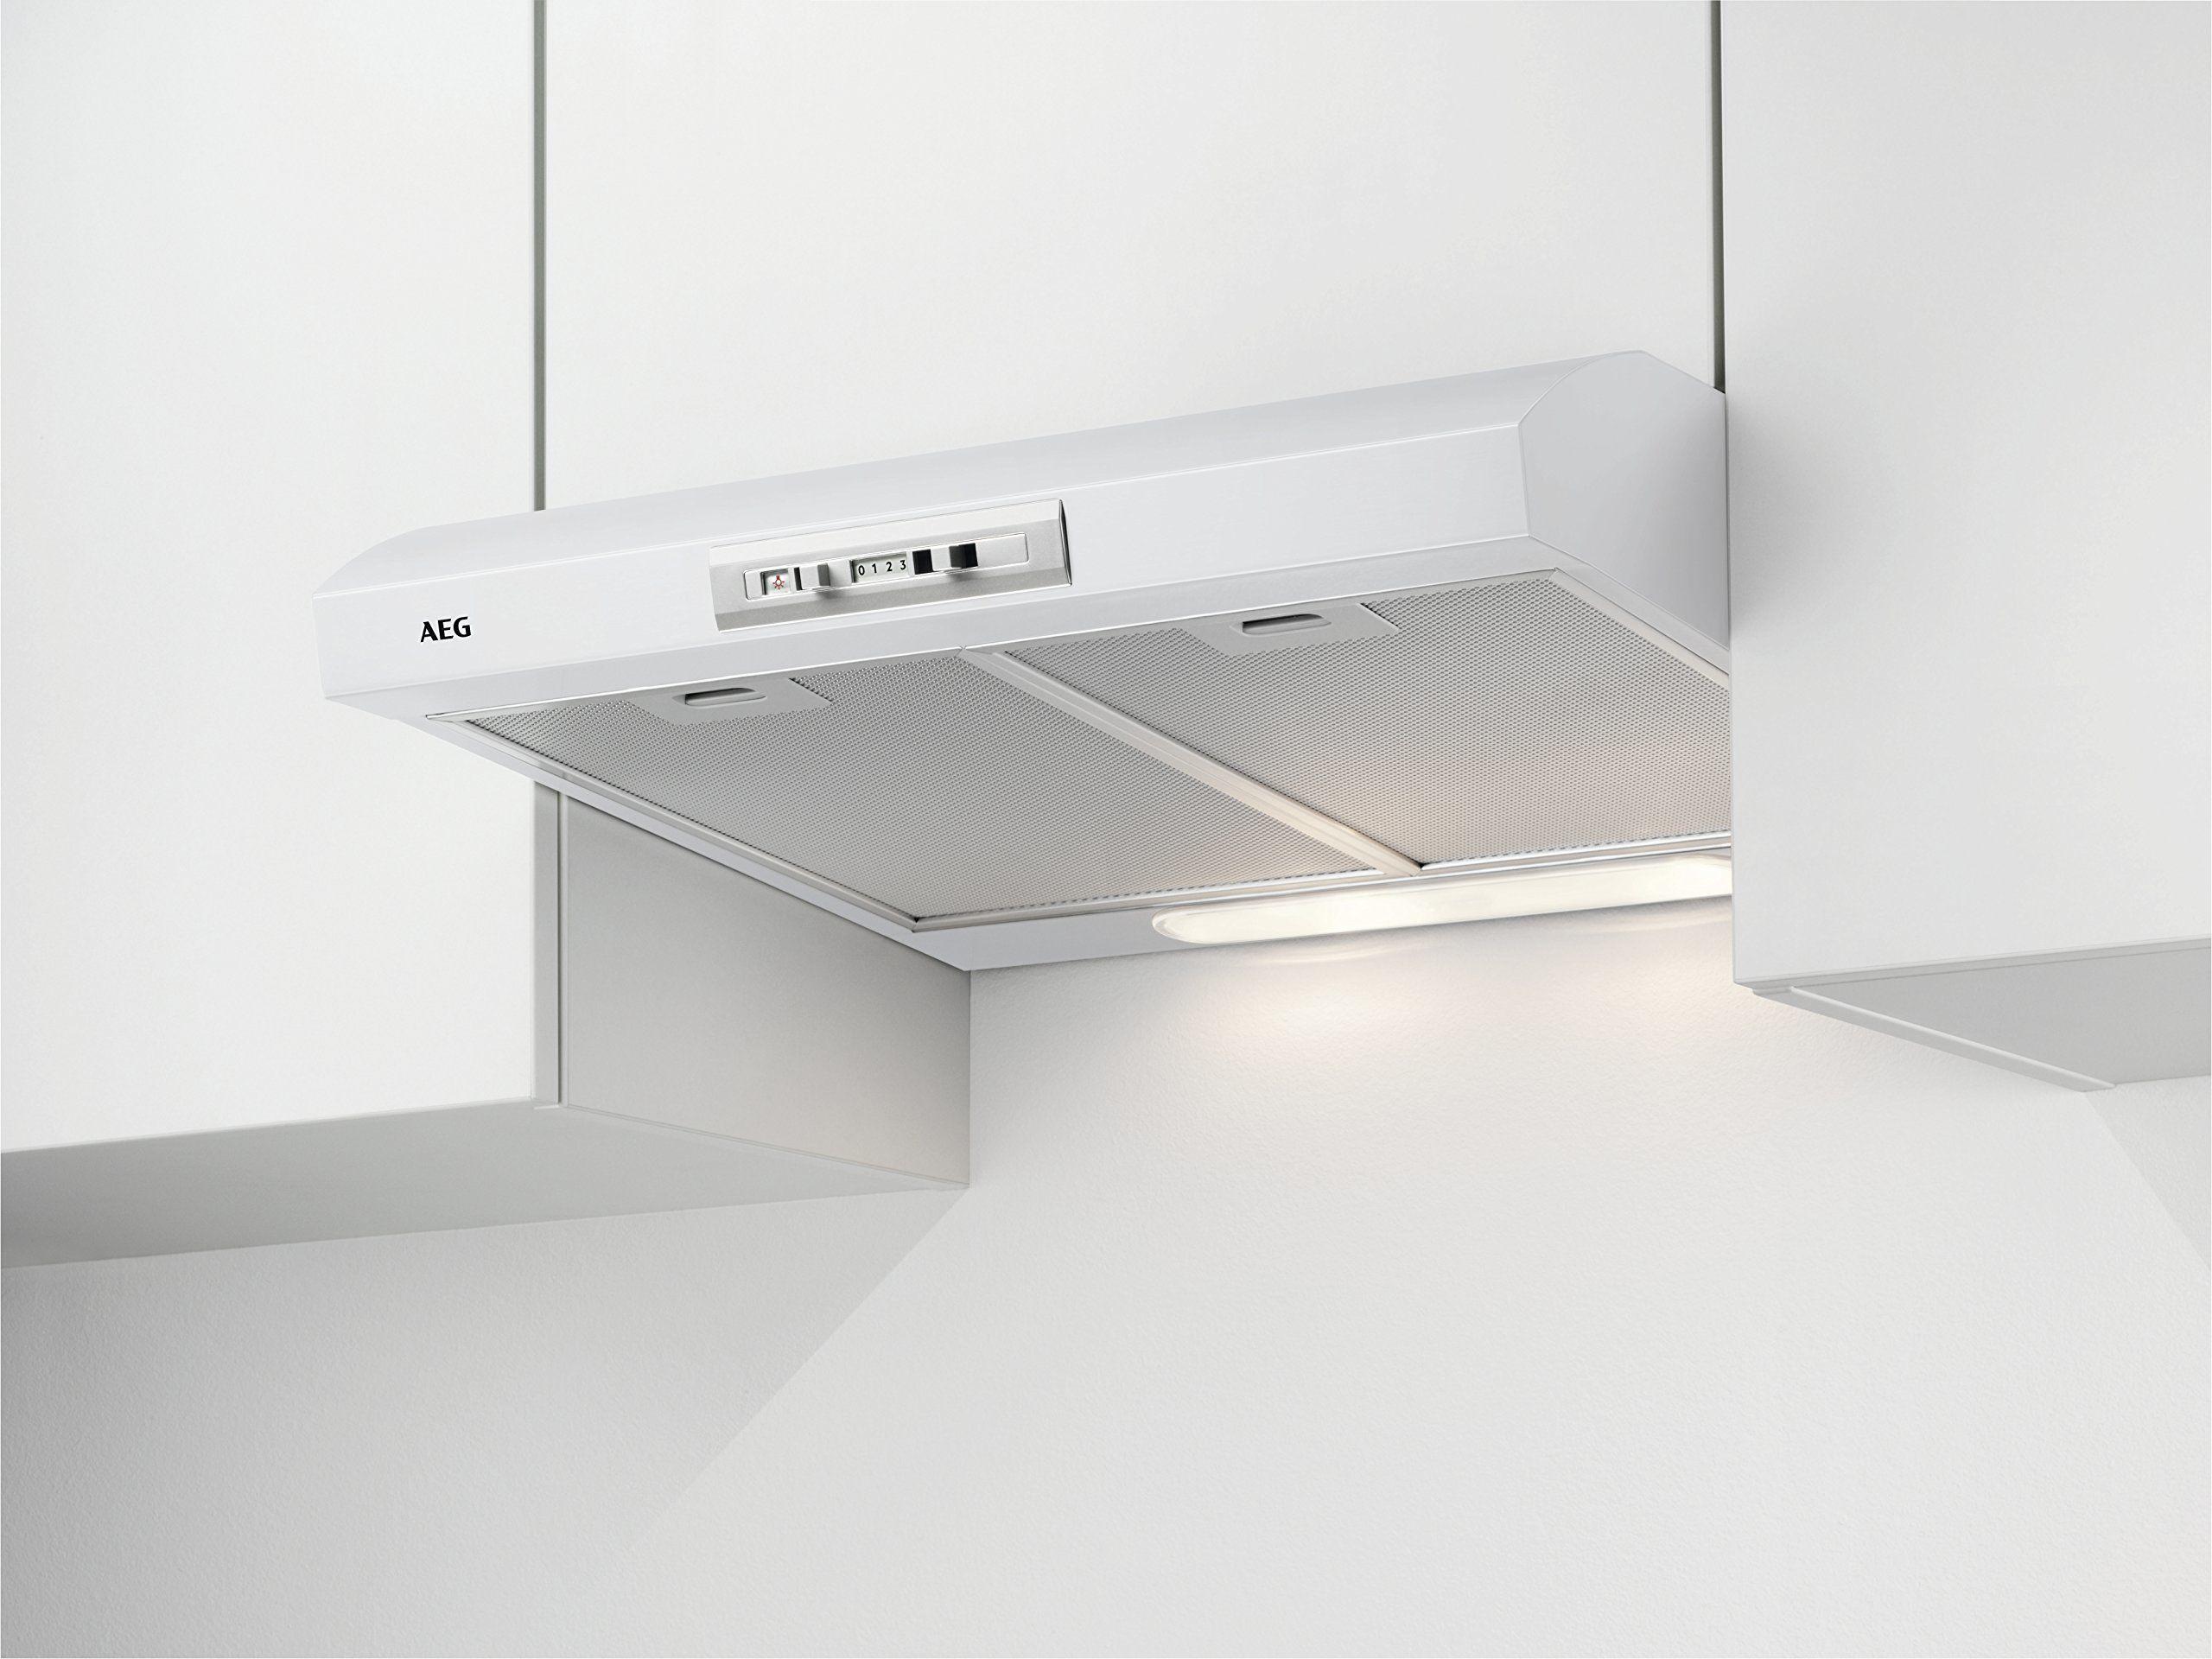 AEG DUB2610W okap kuchenny podszafkowy/powietrze wylotowe lub obieg / 60 cm/biały/maks. 71 m /h/min. 63  maks. 69 dB (A) / D/przełącznik suwakowy